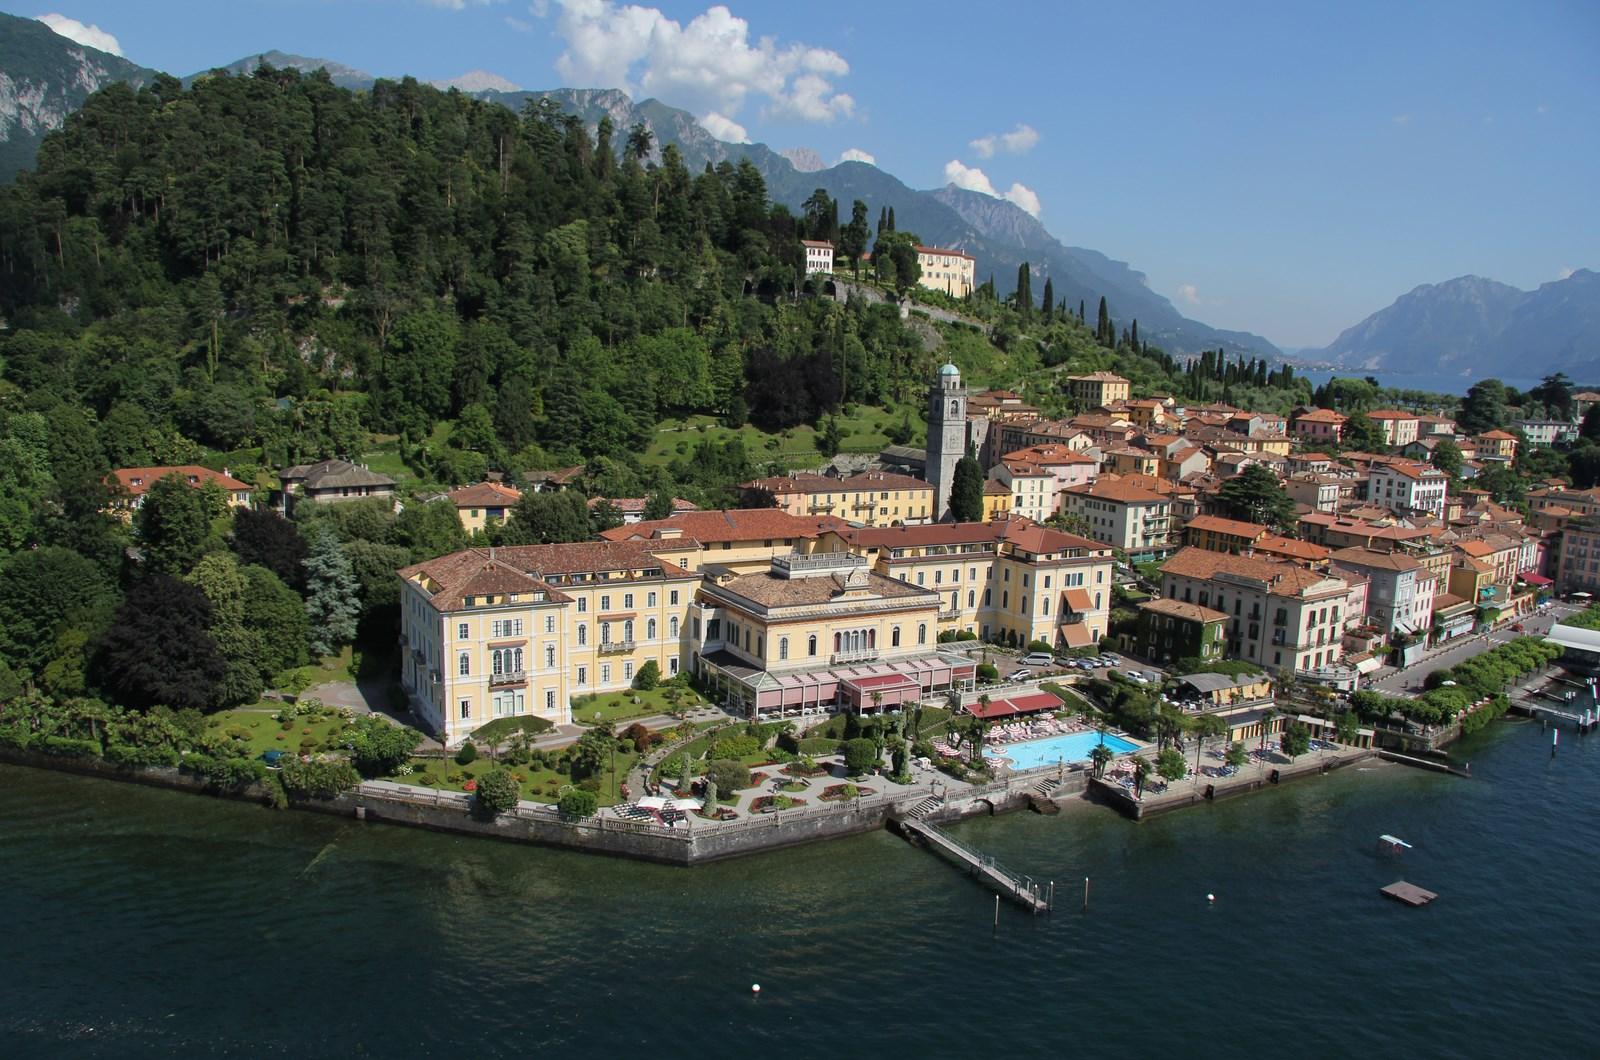 Grand Hotel Villa Serbelloni, em Bellagio - Lago di Como - Itália | foto: divulgação